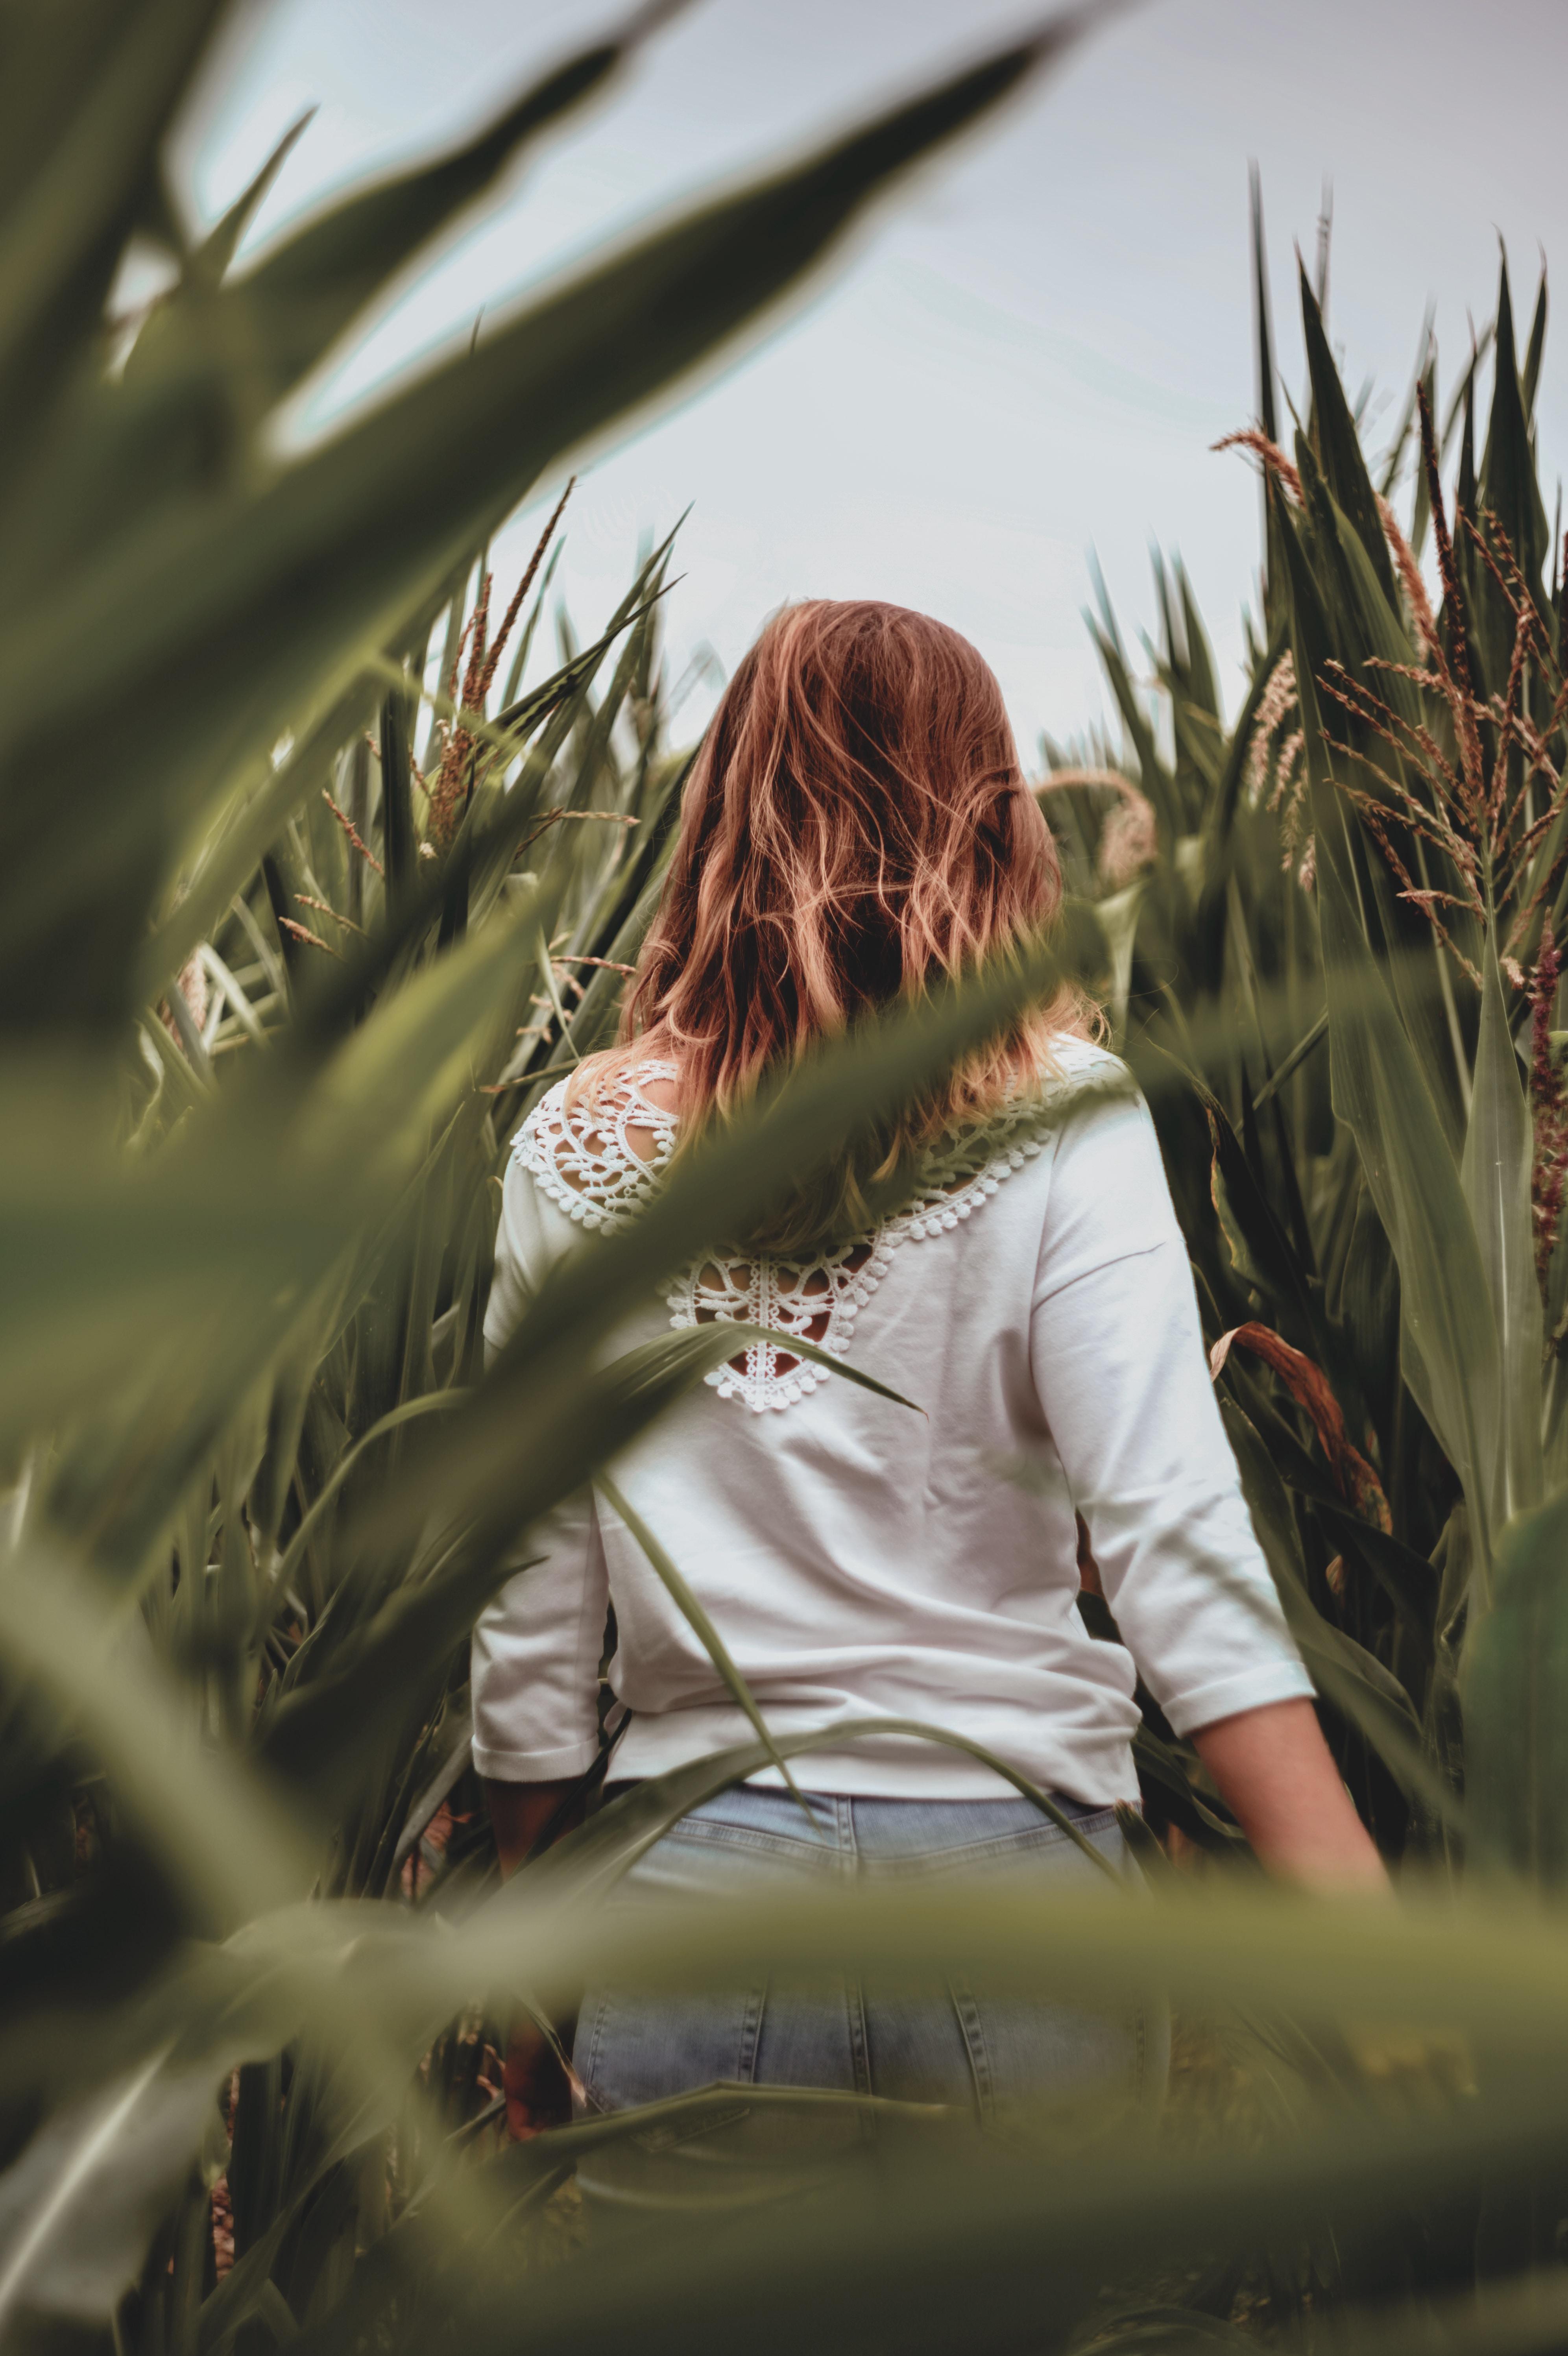 woman in plant field